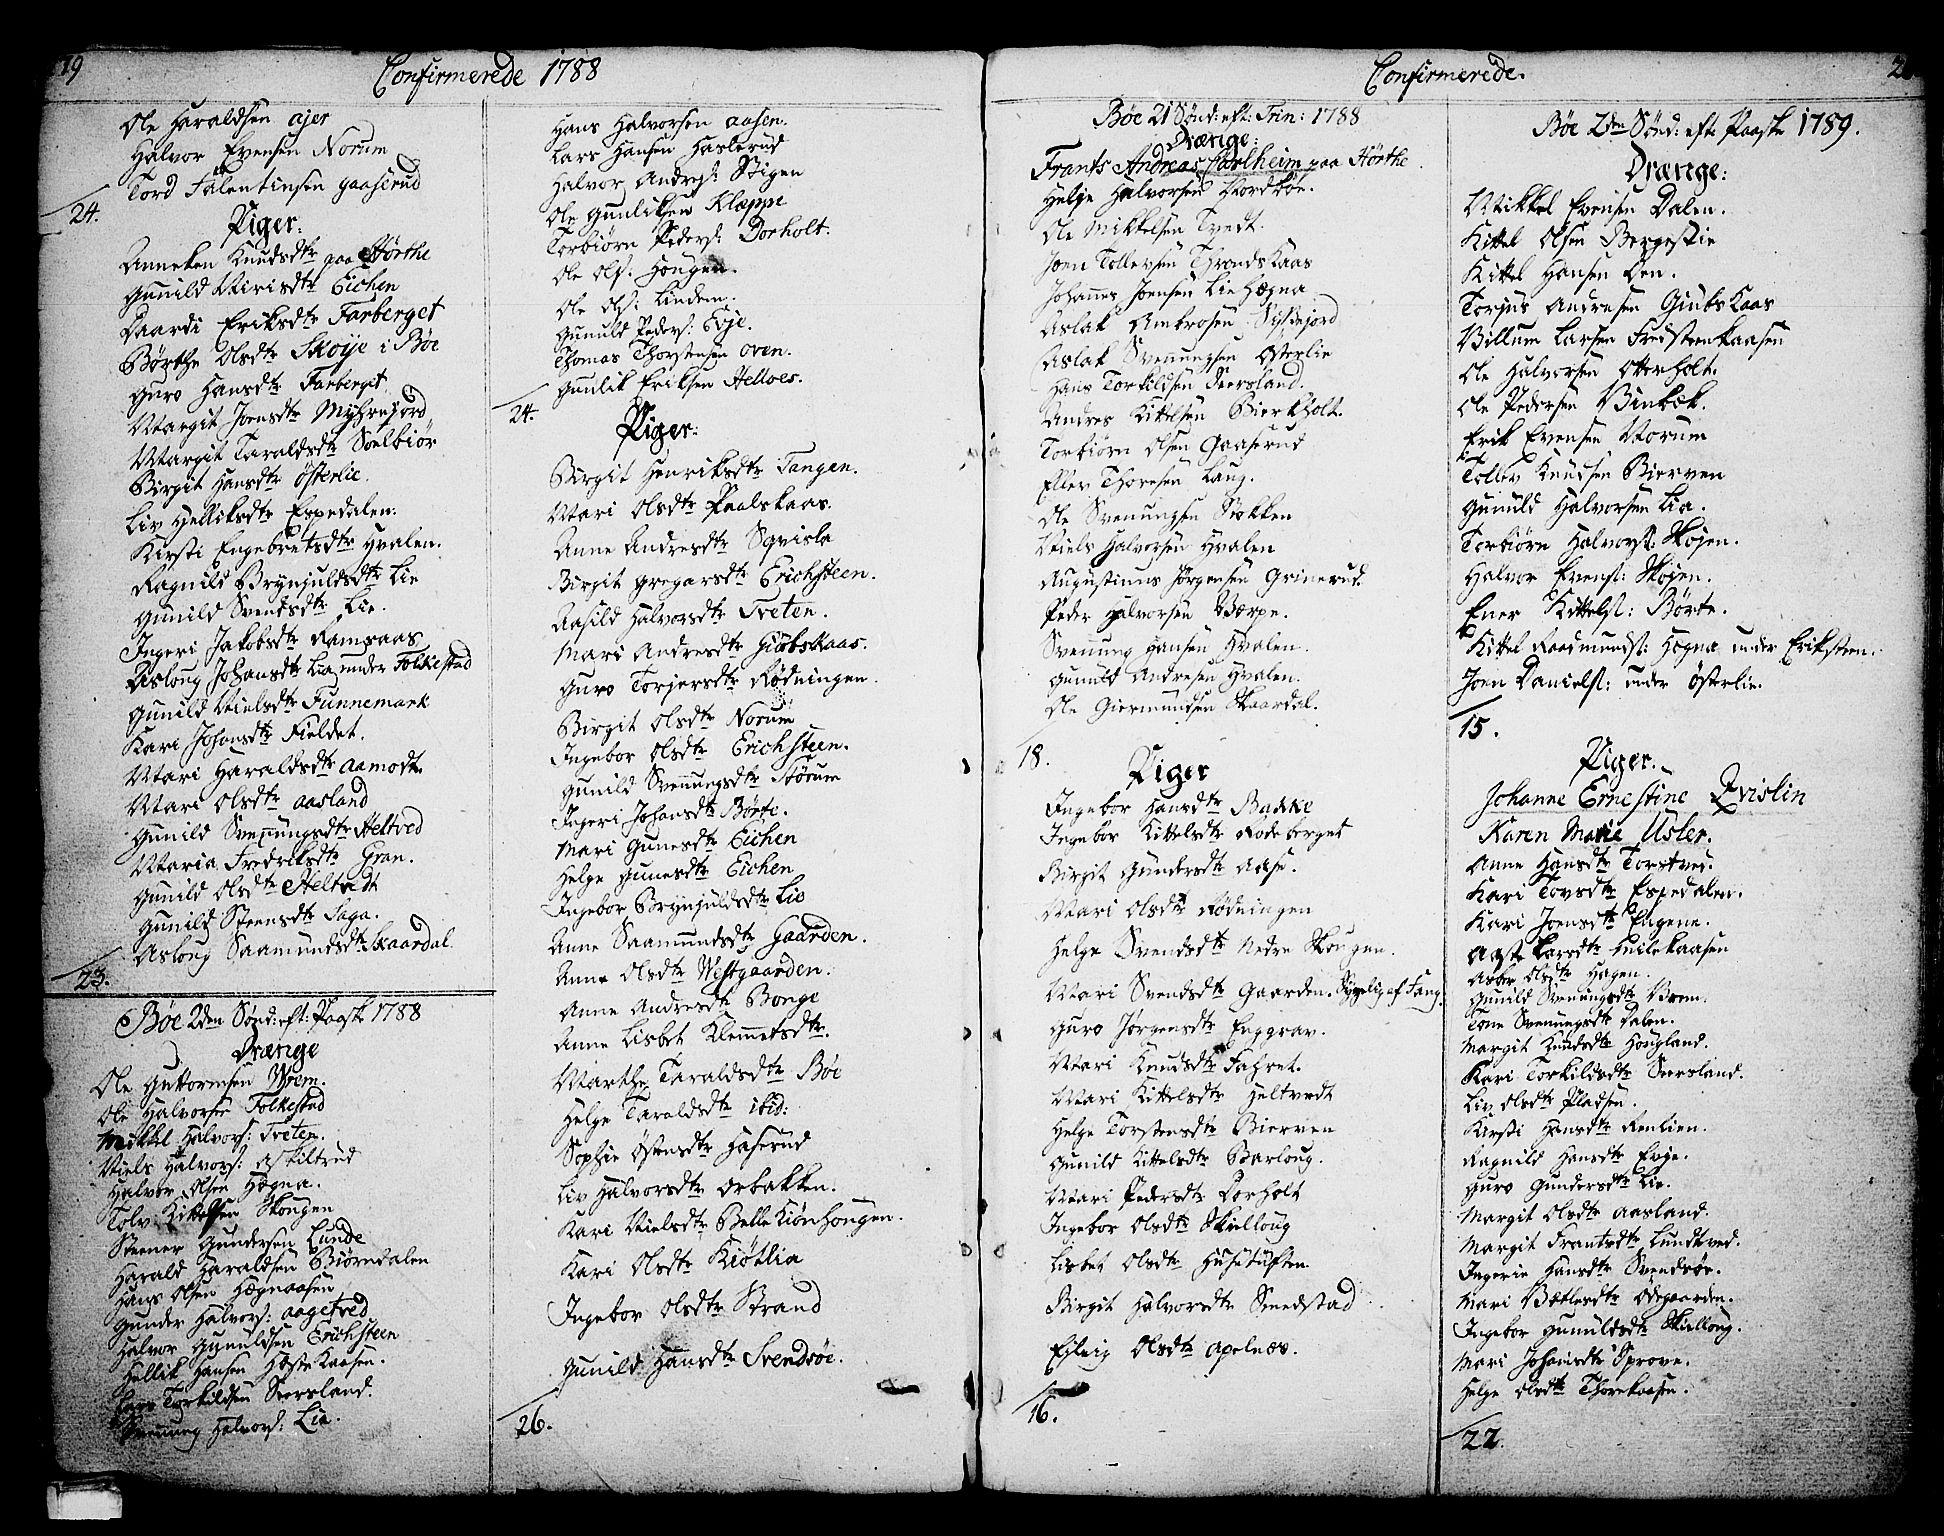 SAKO, Bø kirkebøker, F/Fa/L0005: Ministerialbok nr. 5, 1785-1815, s. 279-280